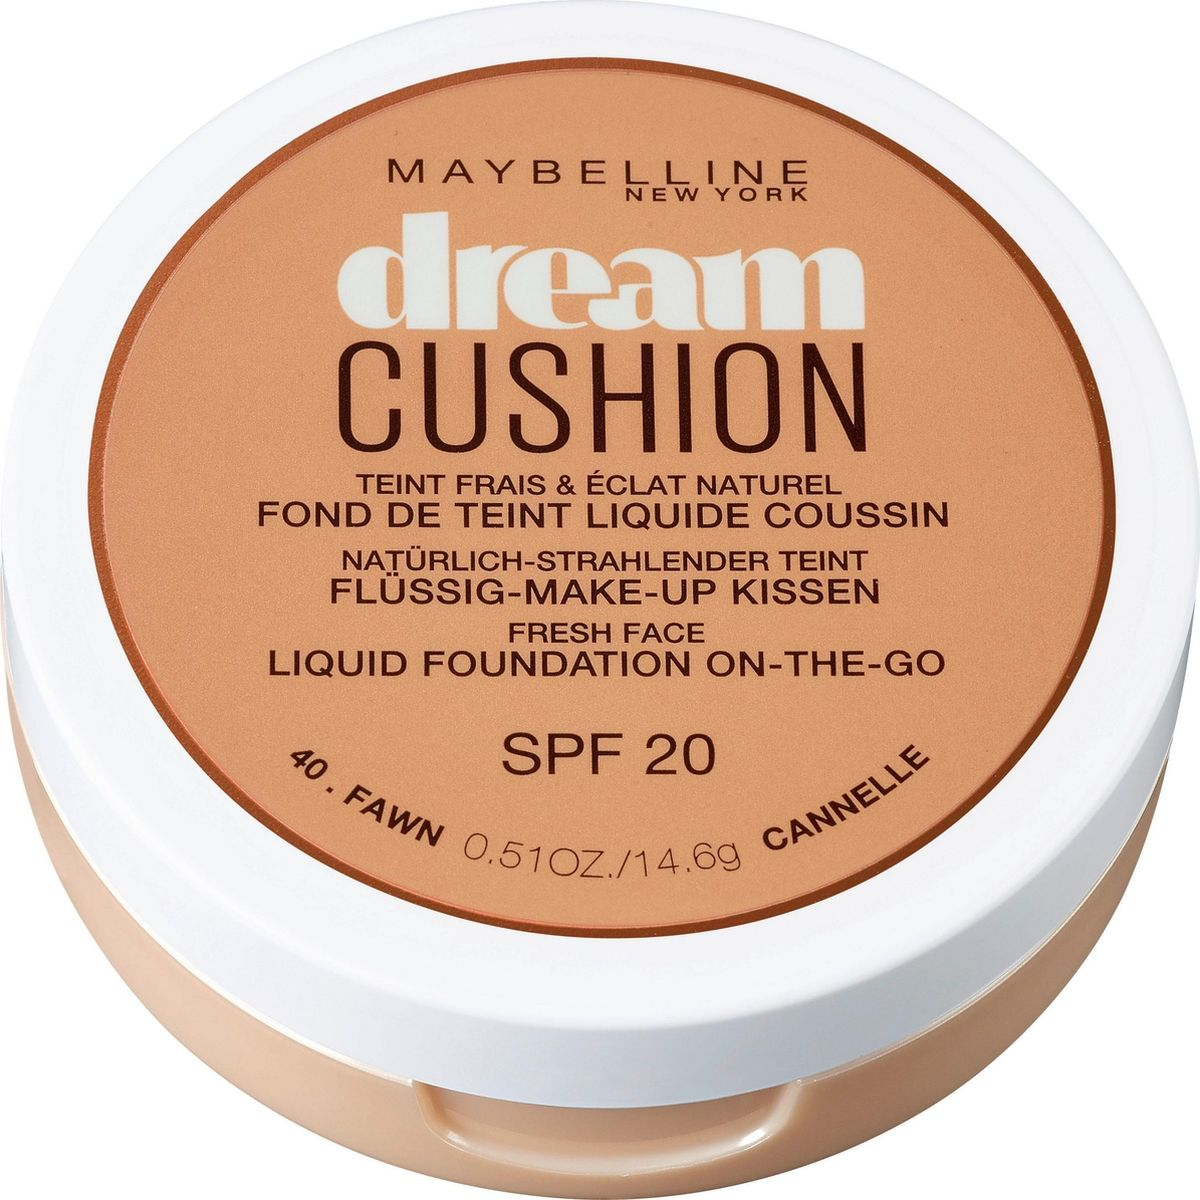 Maybelline New York Тональный крем-кушон для лица Dream Cushion, увлажняющий, оттенок 40 Fawn, SPF 20, 14,6 гB2849301Нежный тональный крем для лица Dream выполнен в актуальном компактном формате «кушон», имеет легкую текстуру с водянистыми пигментами и защиту от солнца SPF 20. Его легкое естественное покрытие оптимально подходит для дневного макияжа. Средство придает коже идеально ровный тон и мягкое натуральное сияние. Кушон имеет упругую пористую подушечку, пропитанную жидким тональным флюидом и мягкий аппликатор-спонж с абсорбирующими свойствами. Данный оттенок подходит для темного оттенка кожи с нейтральным подтоном.